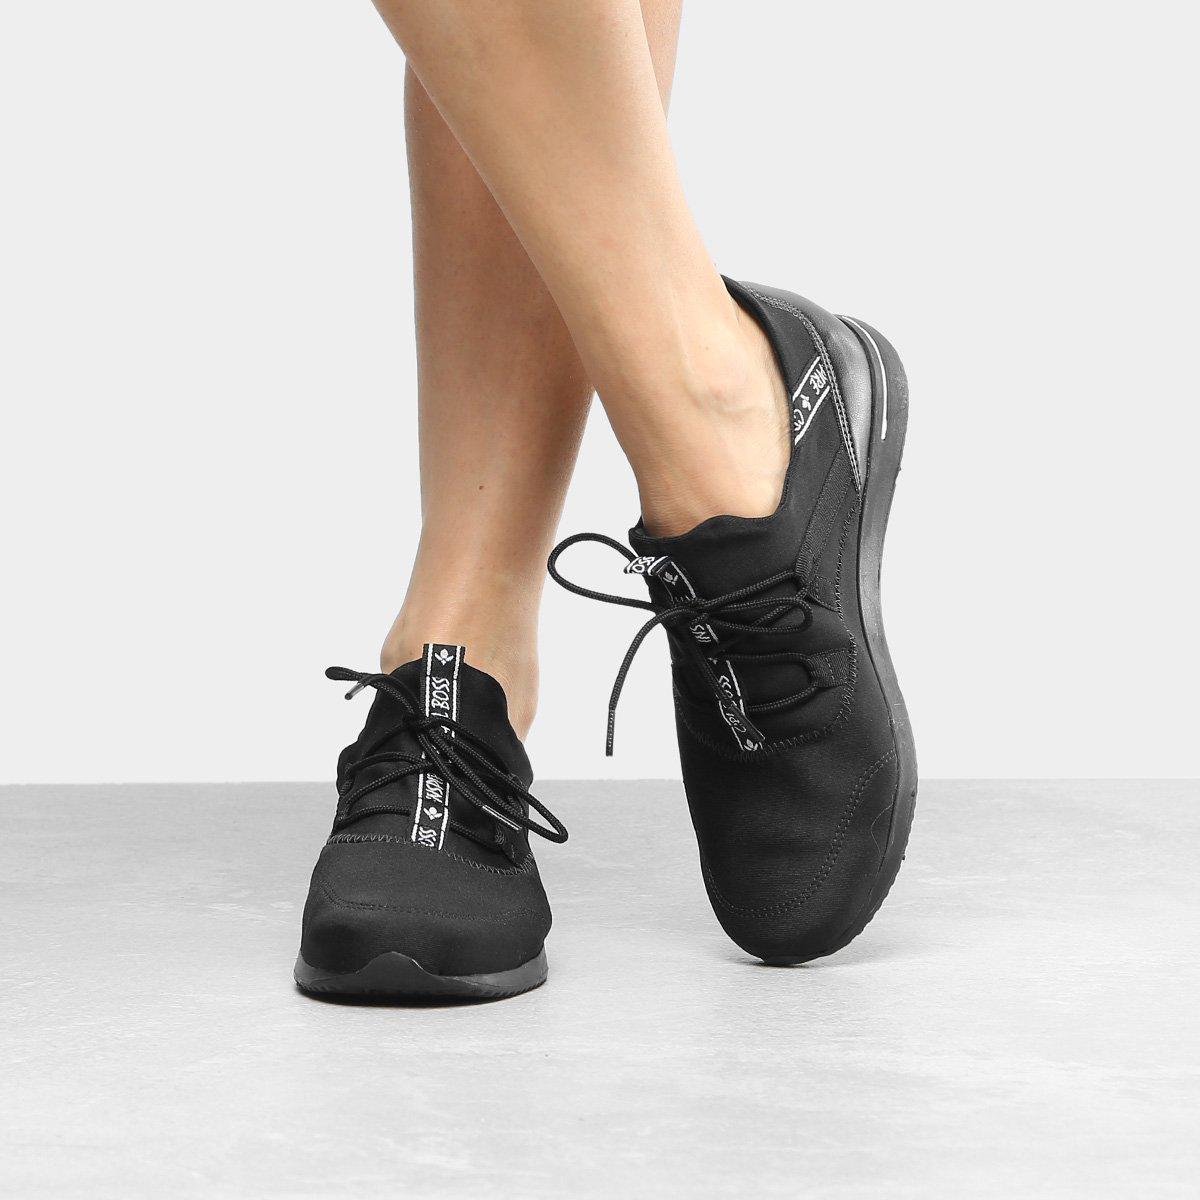 5e044dd4b84 Tênis Cravo   Canela Jogging Strech Feminino - Compre Agora